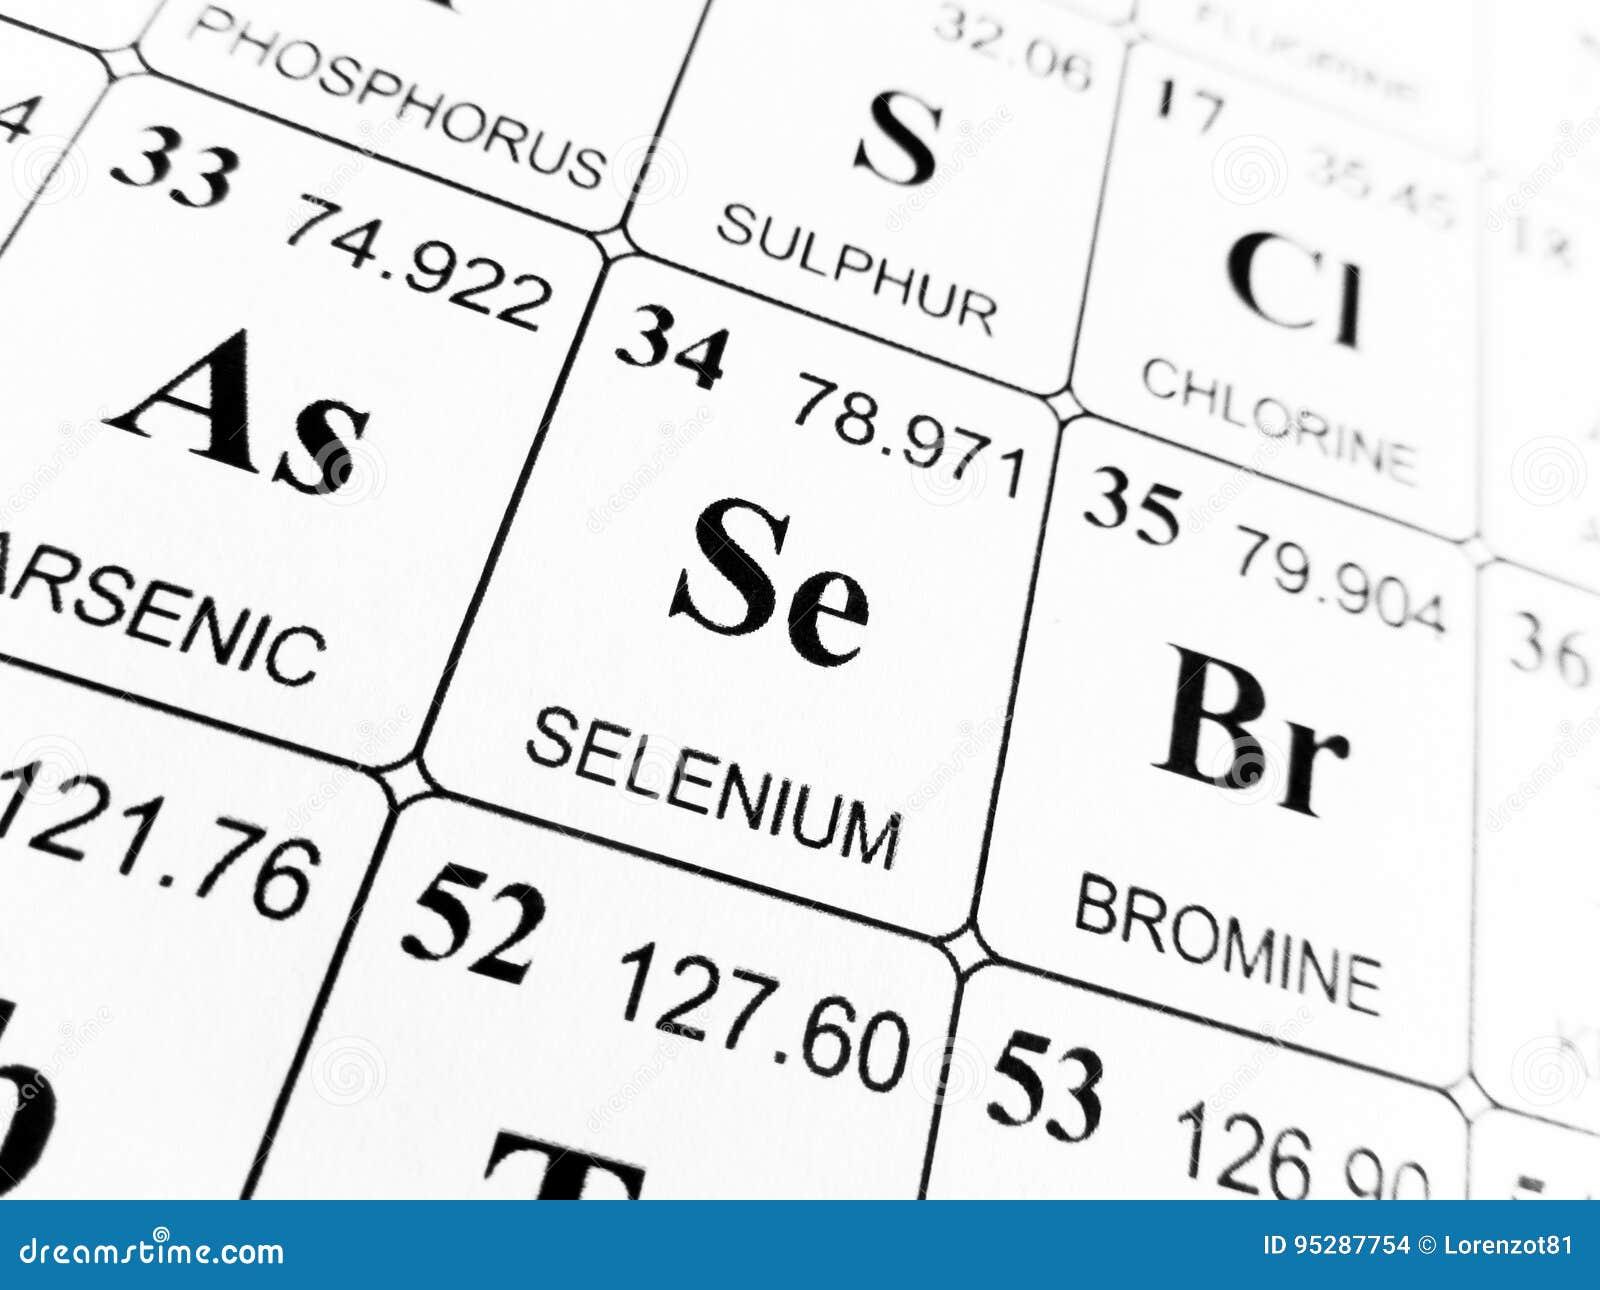 Selenio en la tabla peridica de los elementos foto de archivo download selenio en la tabla peridica de los elementos foto de archivo imagen de nmero urtaz Choice Image